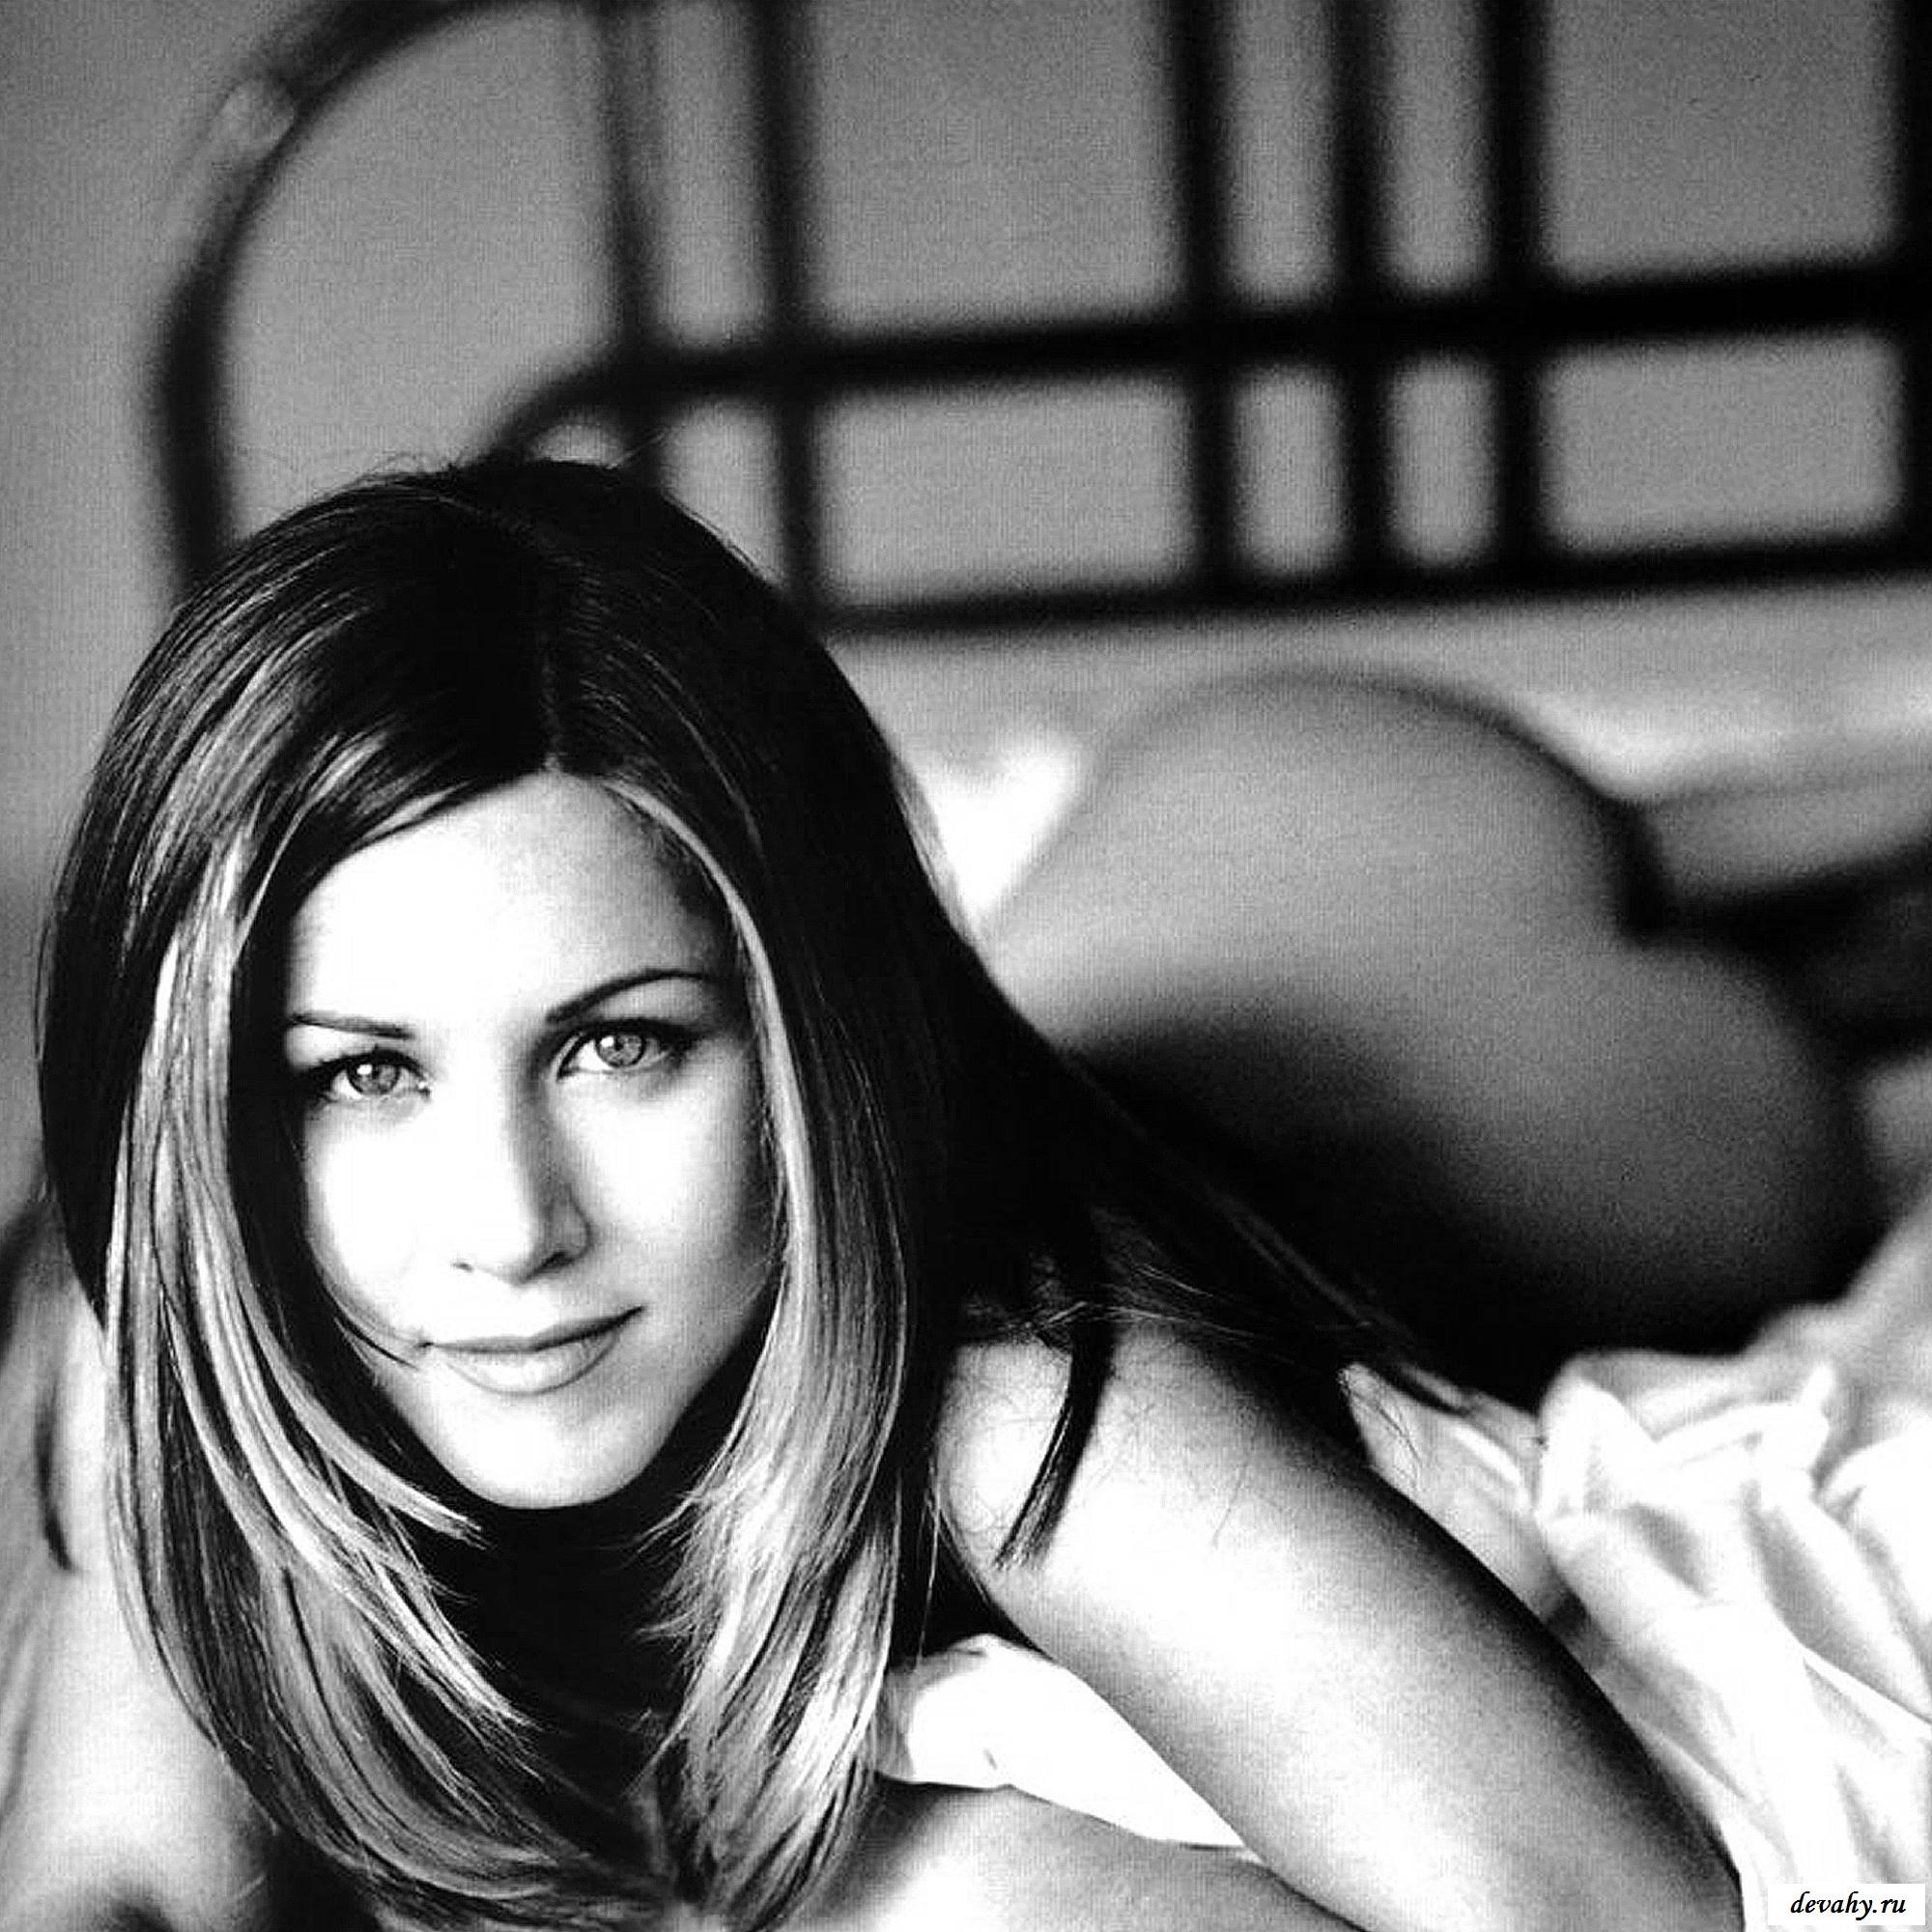 Jennifer Aniston голой делает селфи в журналах